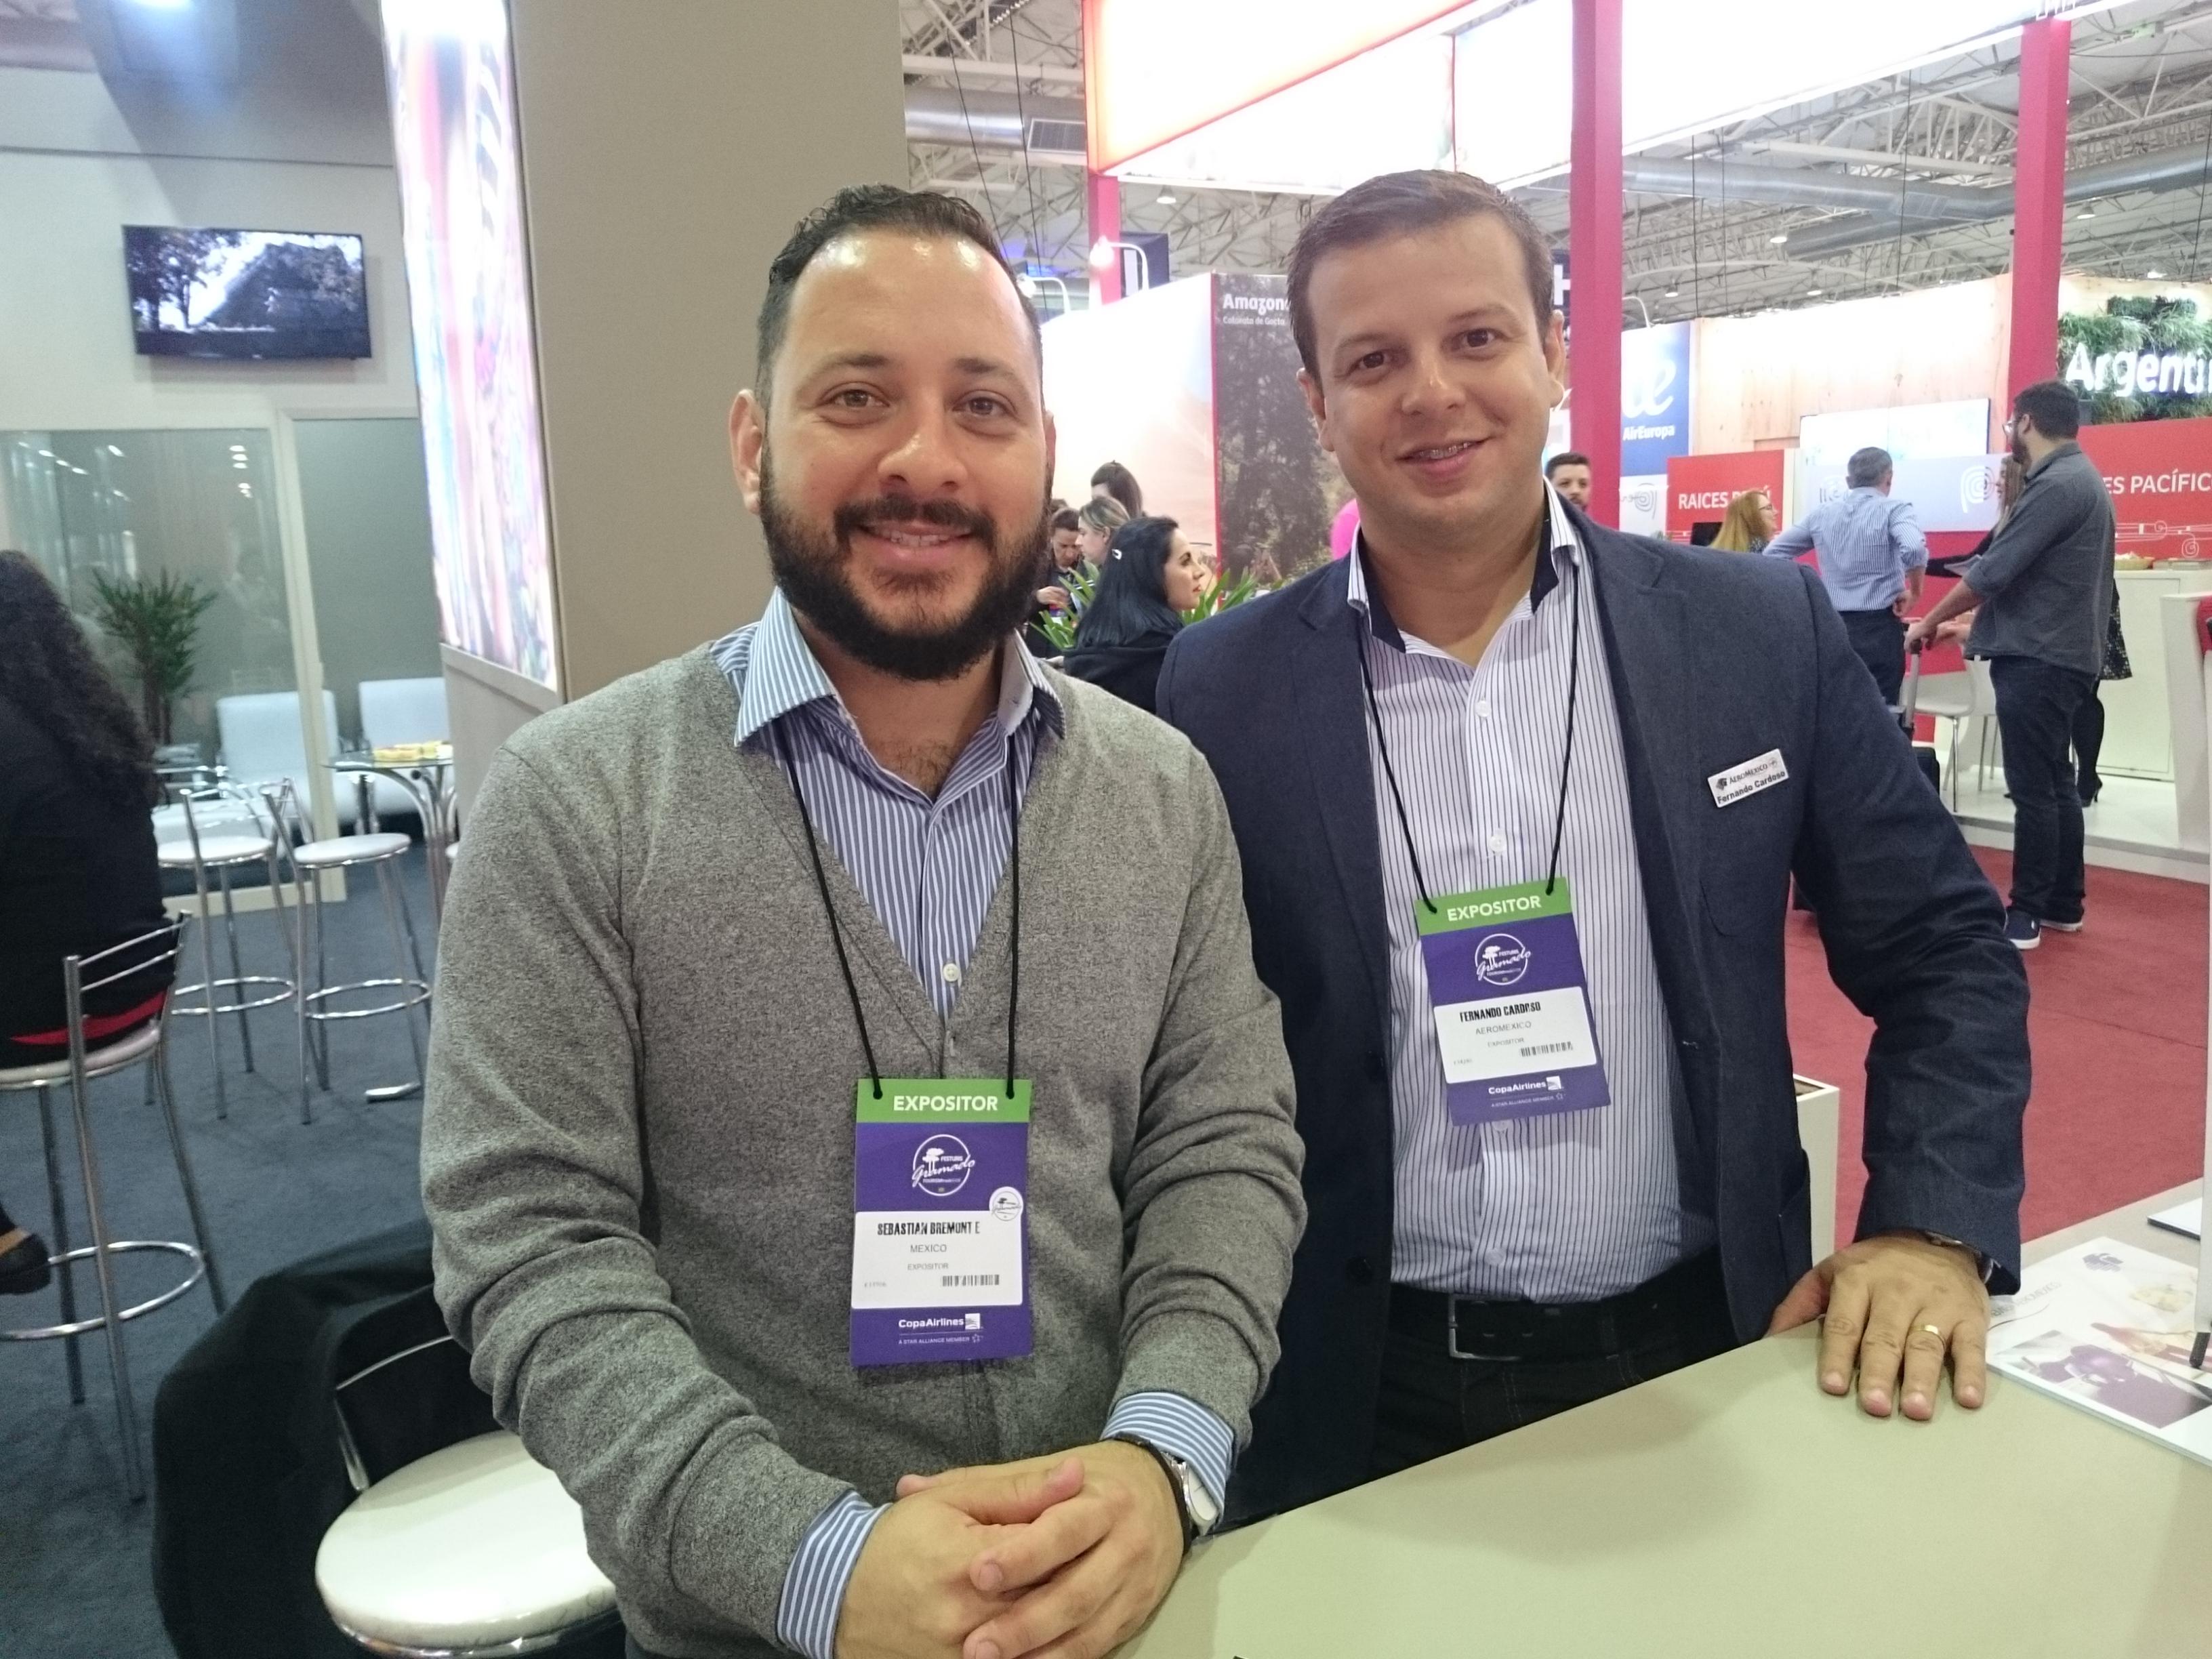 Sebastian Brmeont, do turismo do México, e Fernando Cardoso, da Aeromexico